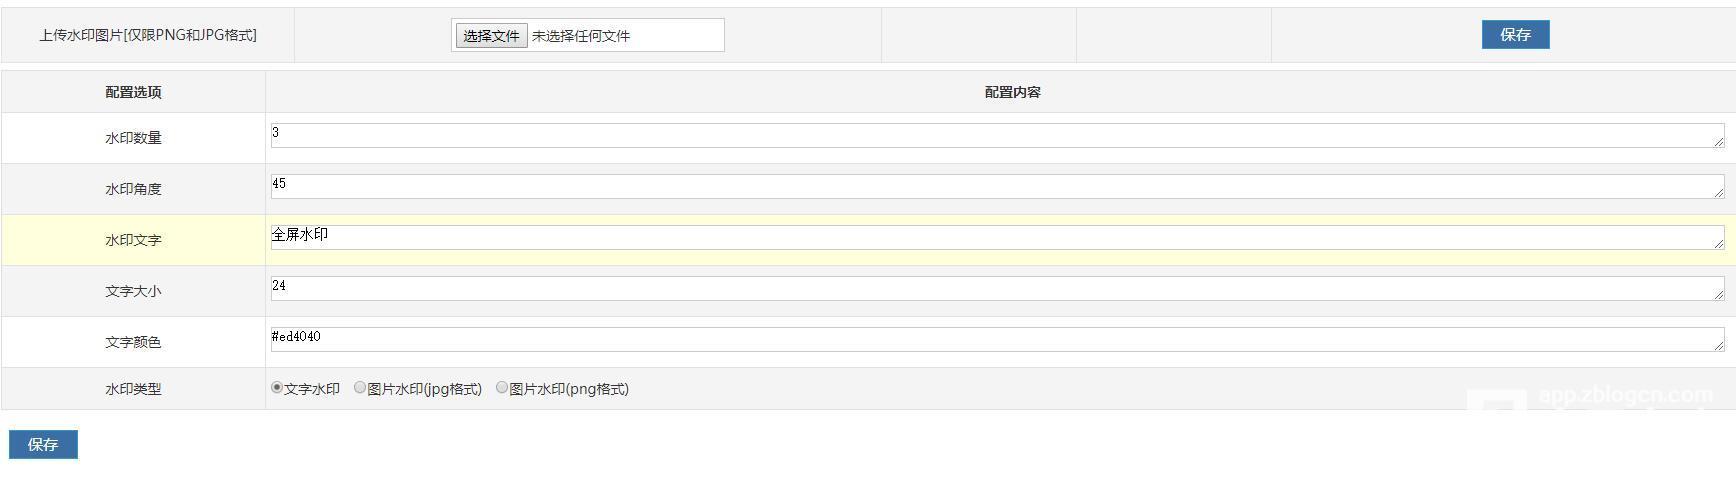 zblogPHP全屏水印插件防盗图神器上线-图2